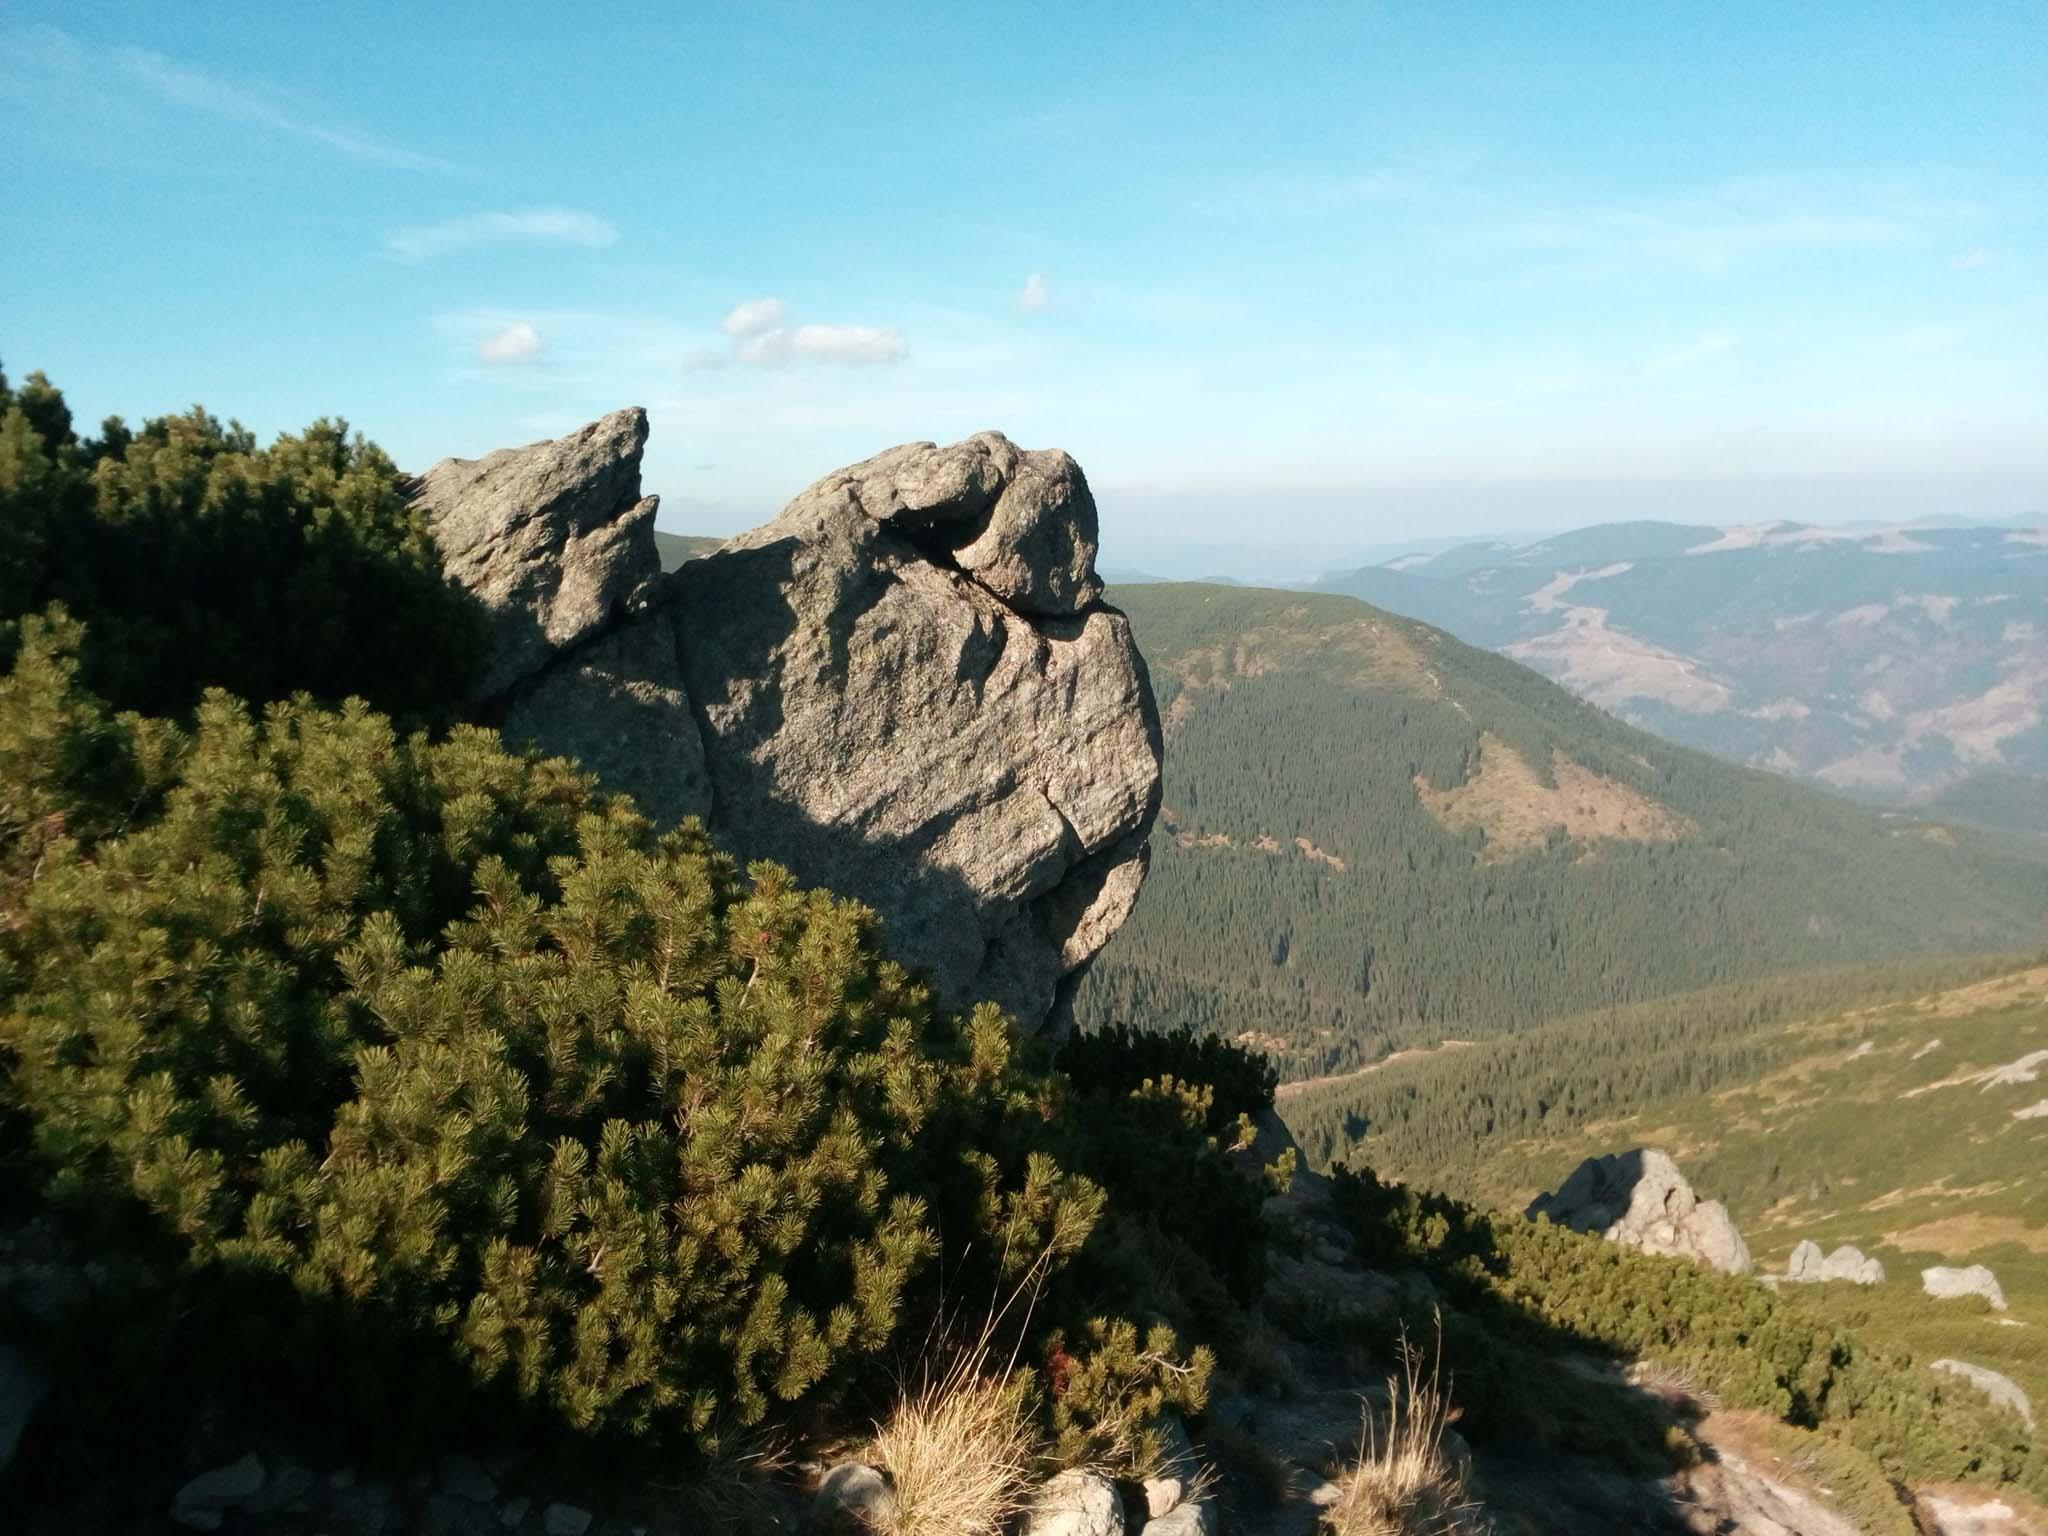 Химерні, але мальовничі: світлини прикарпатських скель оприлюднили у мережі (ФОТО)